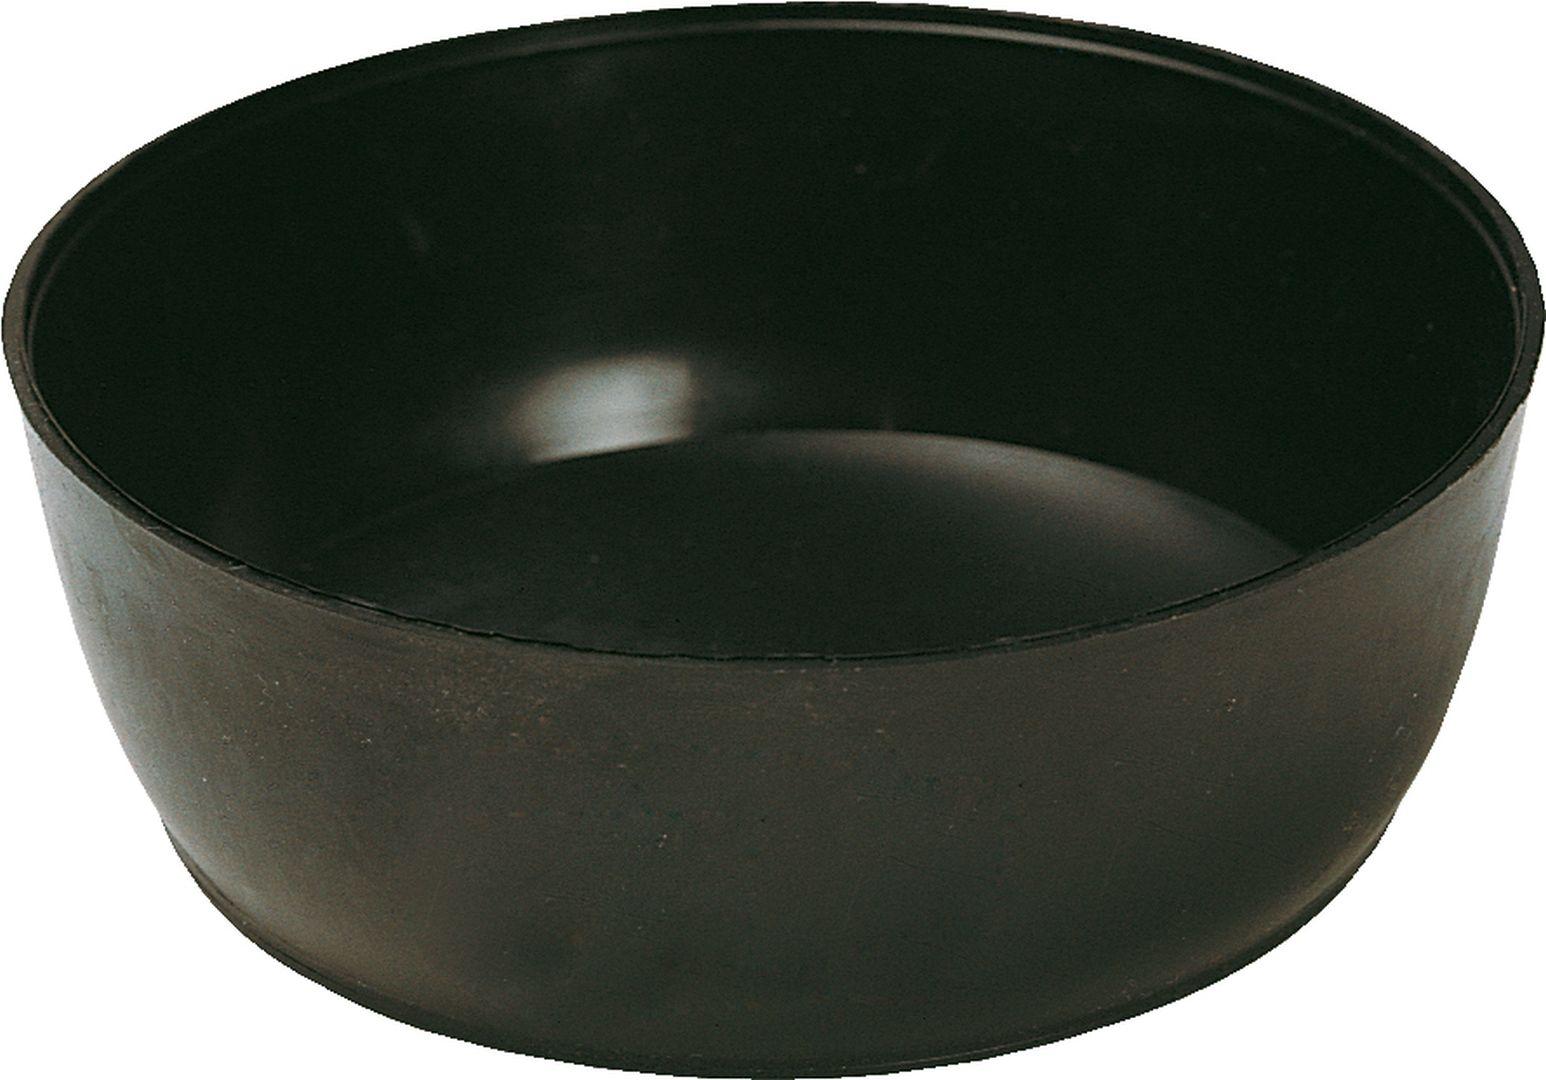 TRIUSO Gipsbecher aus technischem Gummi, schwarz